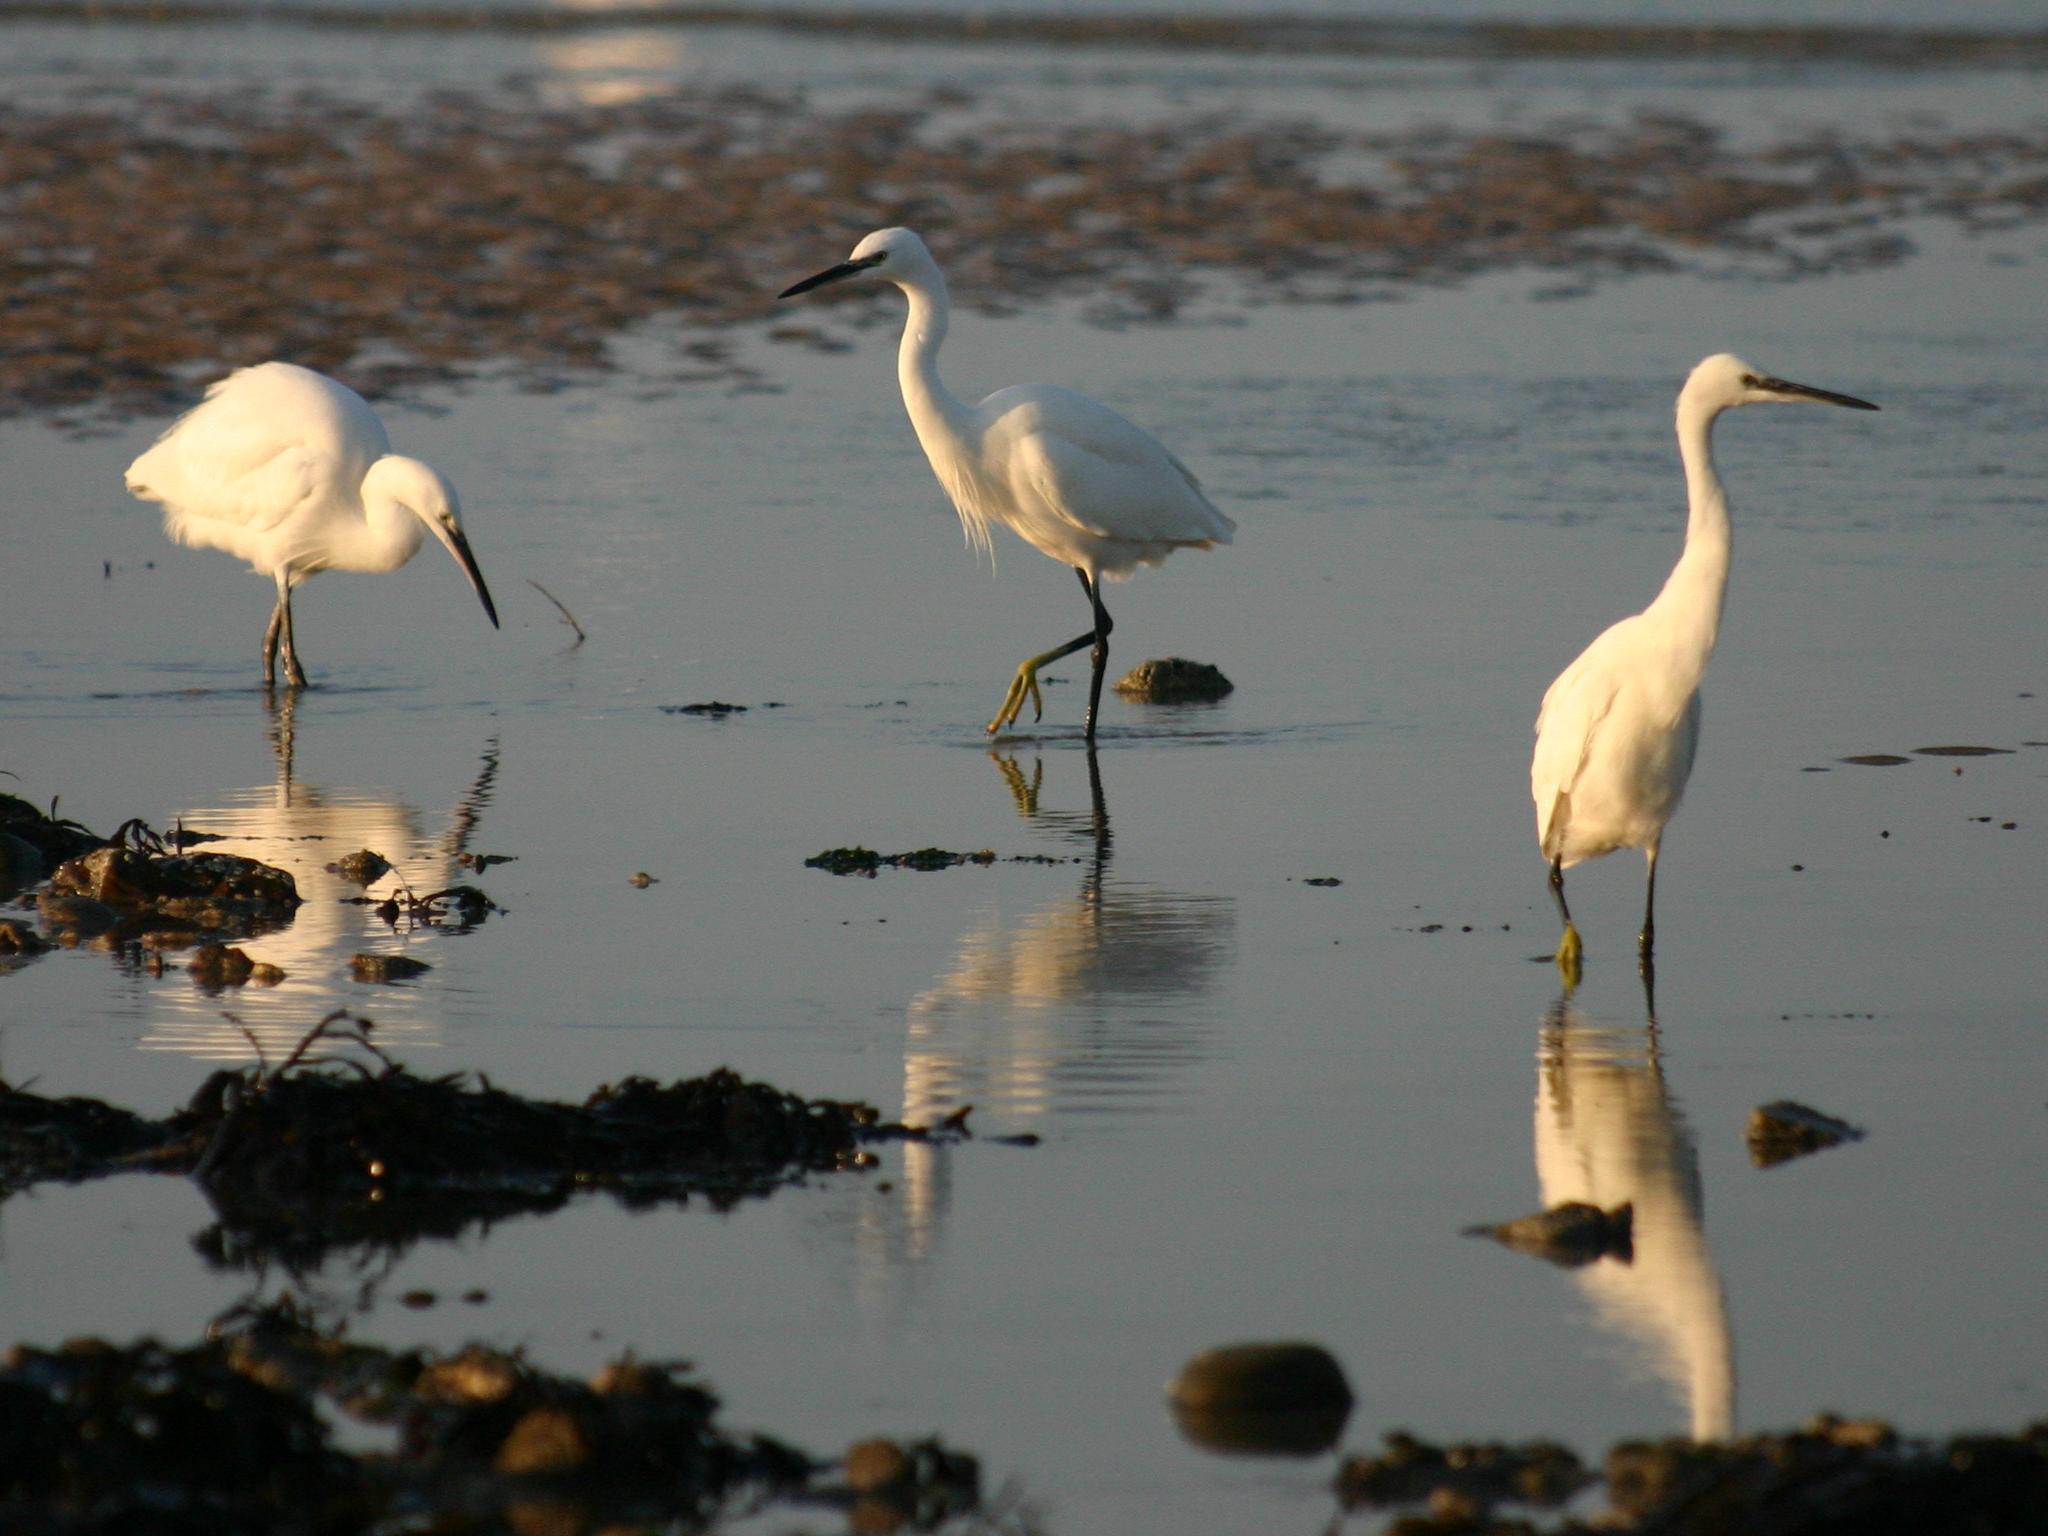 vols d oiseaux au dessus de la mer